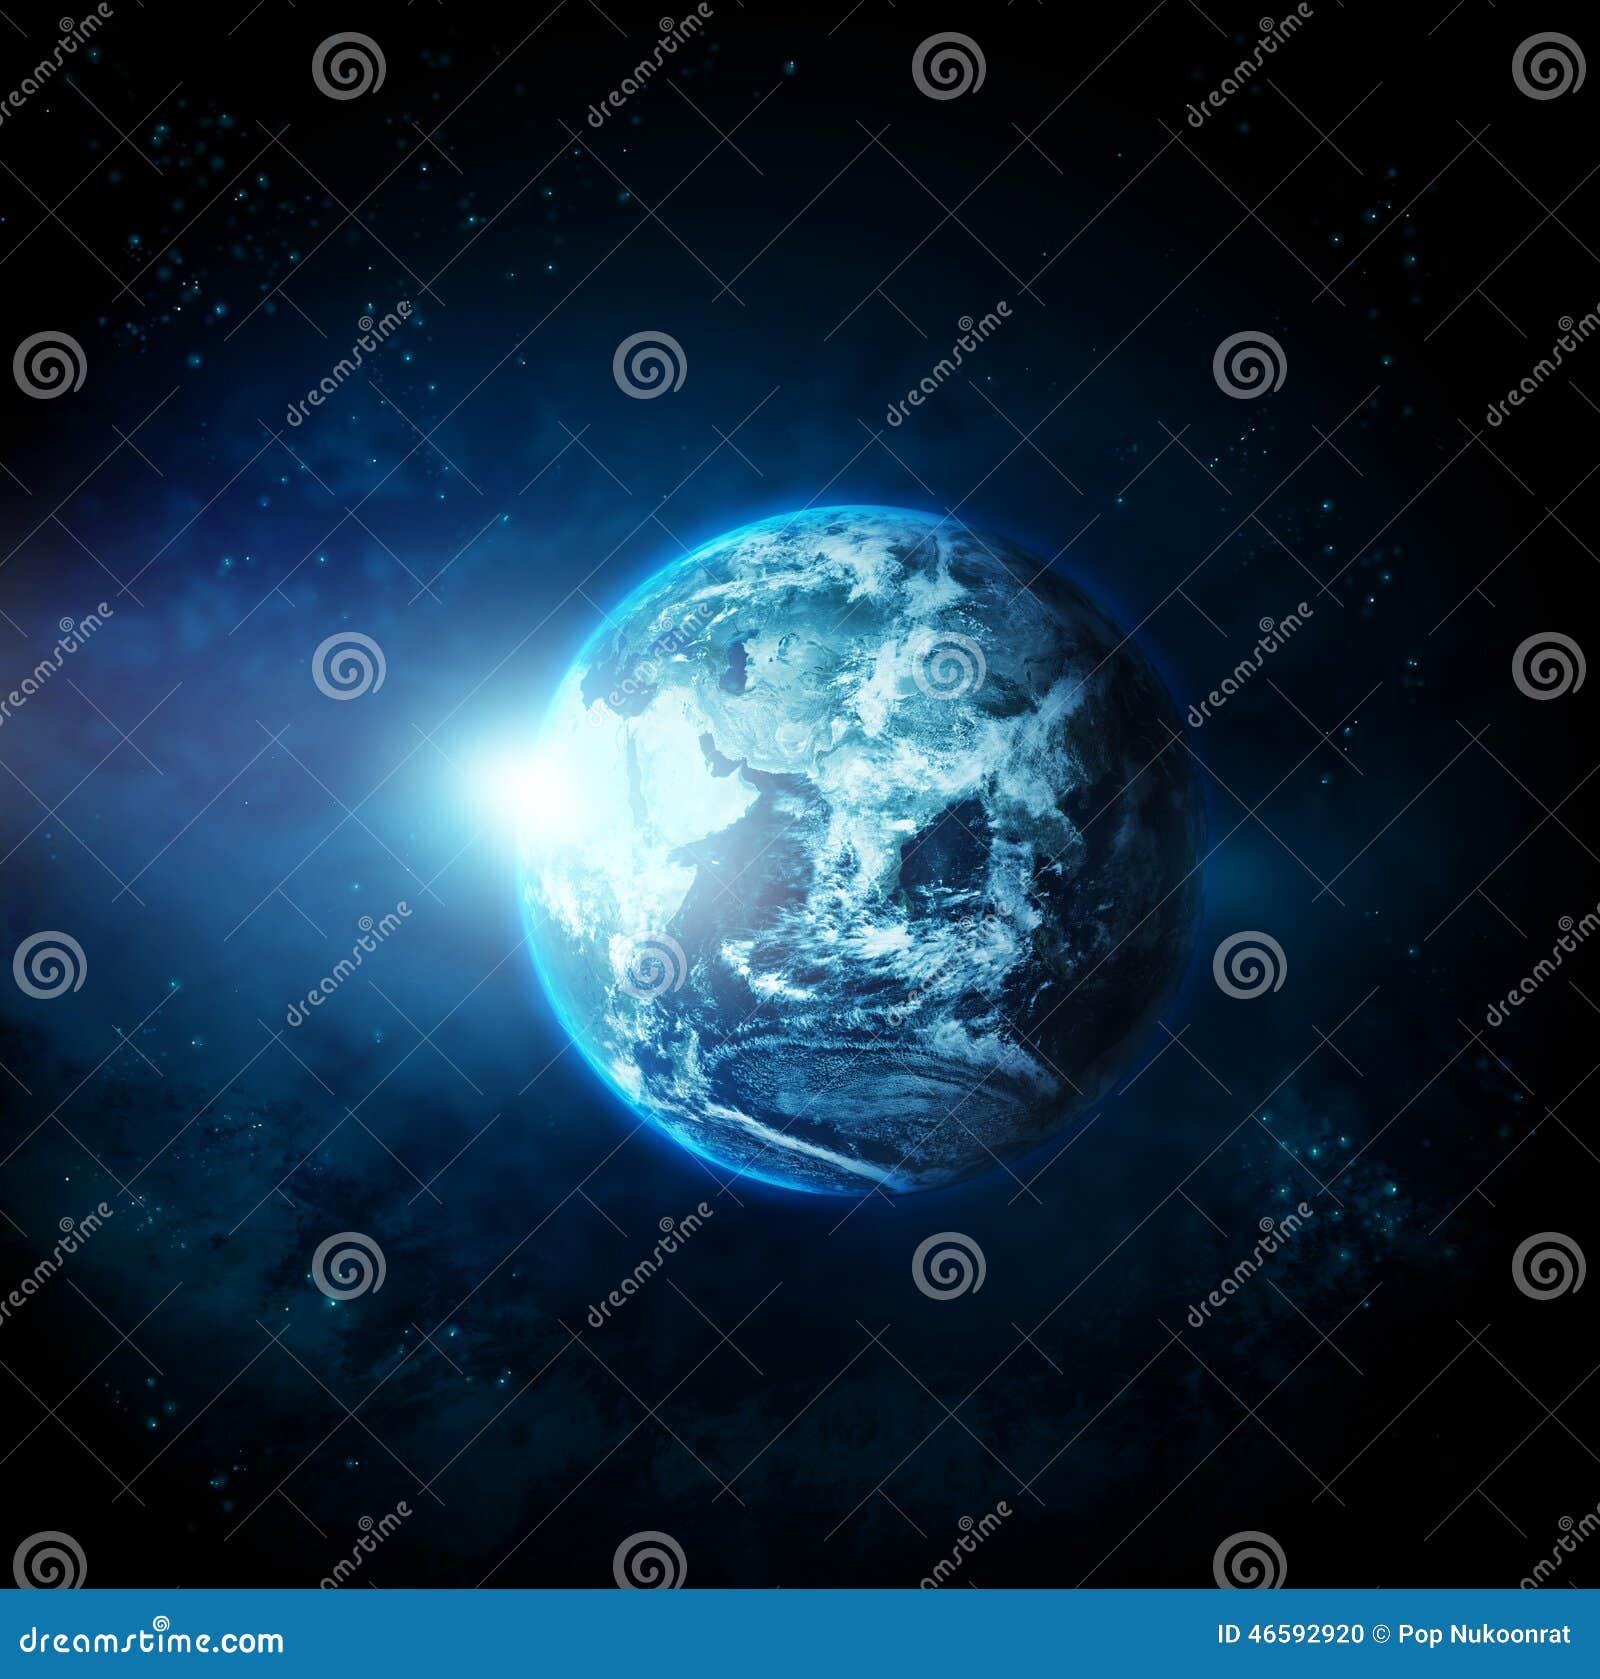 Planetjord med solresning från utrymme-original bild från NASA